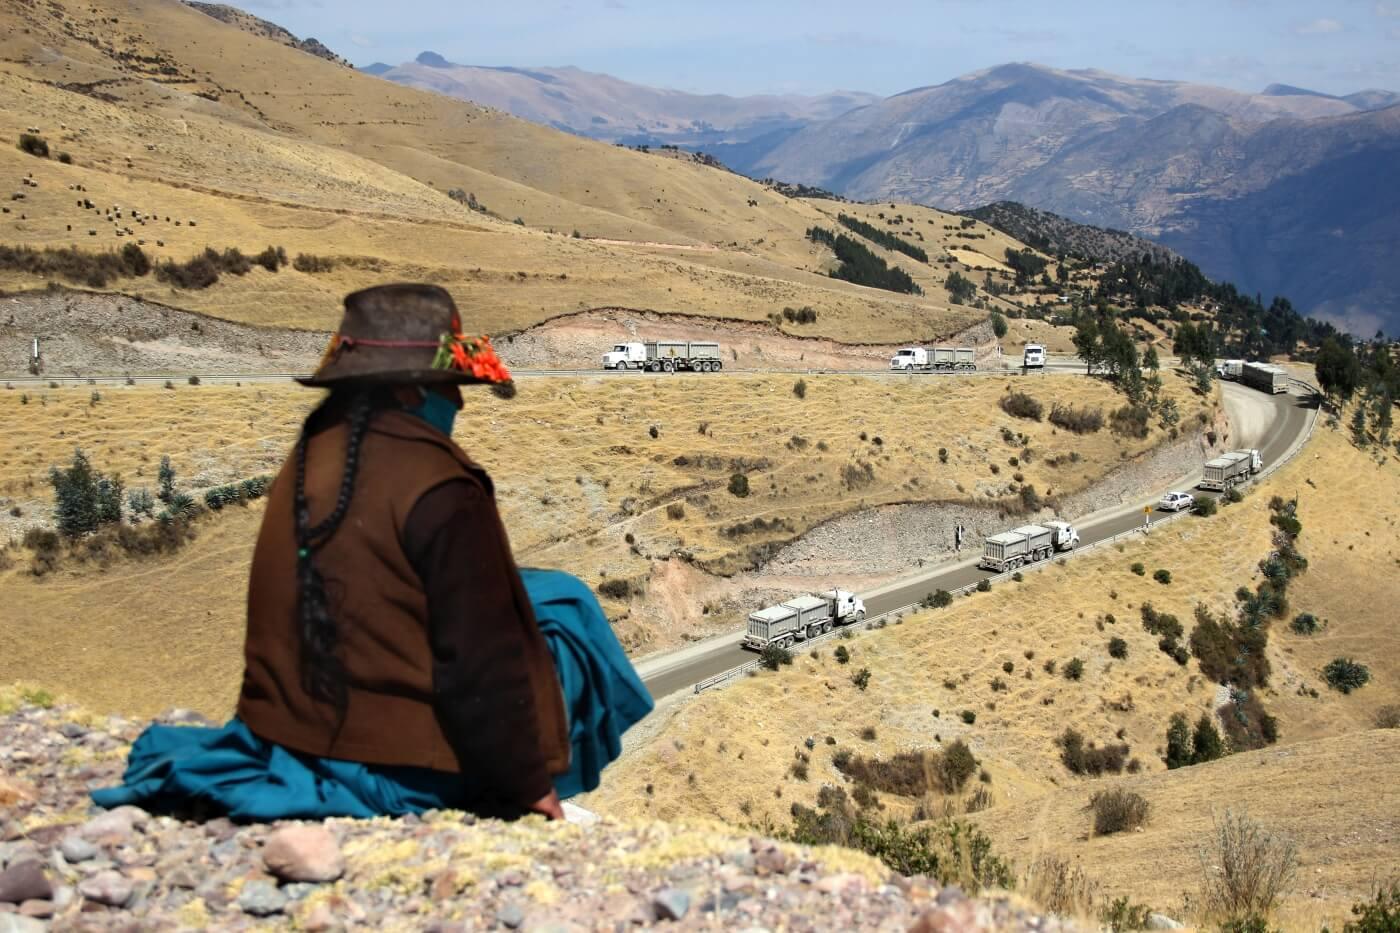 IMPACTOS. Una mujer quechua, en Challhuahuacho (Apurímac), observa la fila de camiones de Las Bambas.